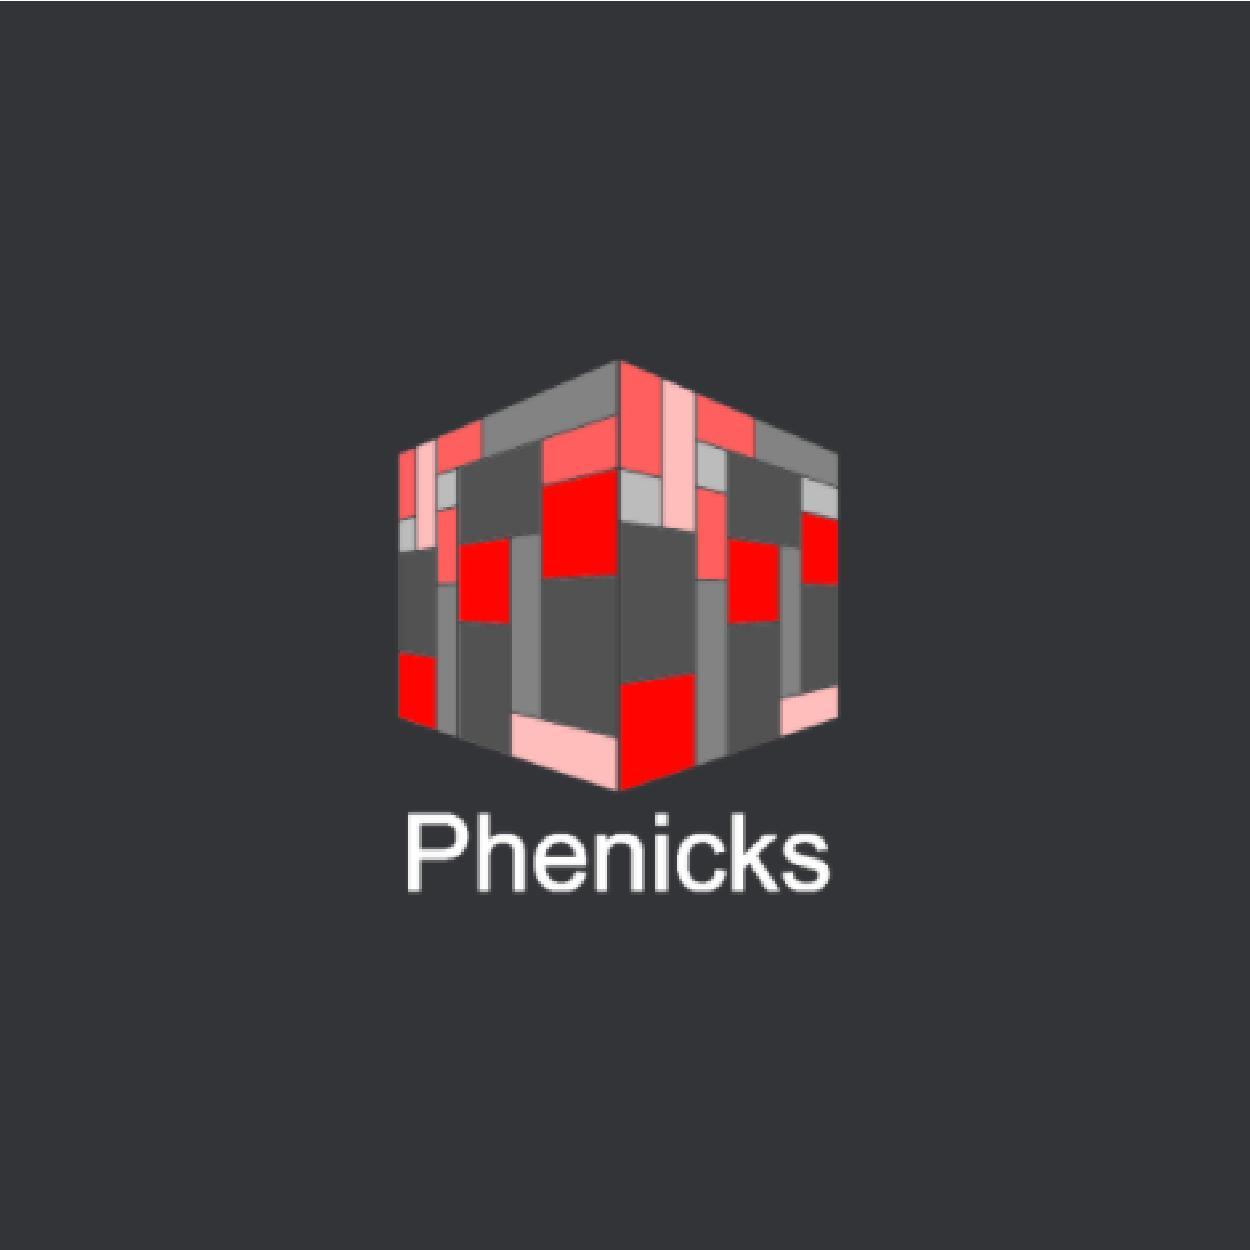 Phenicks